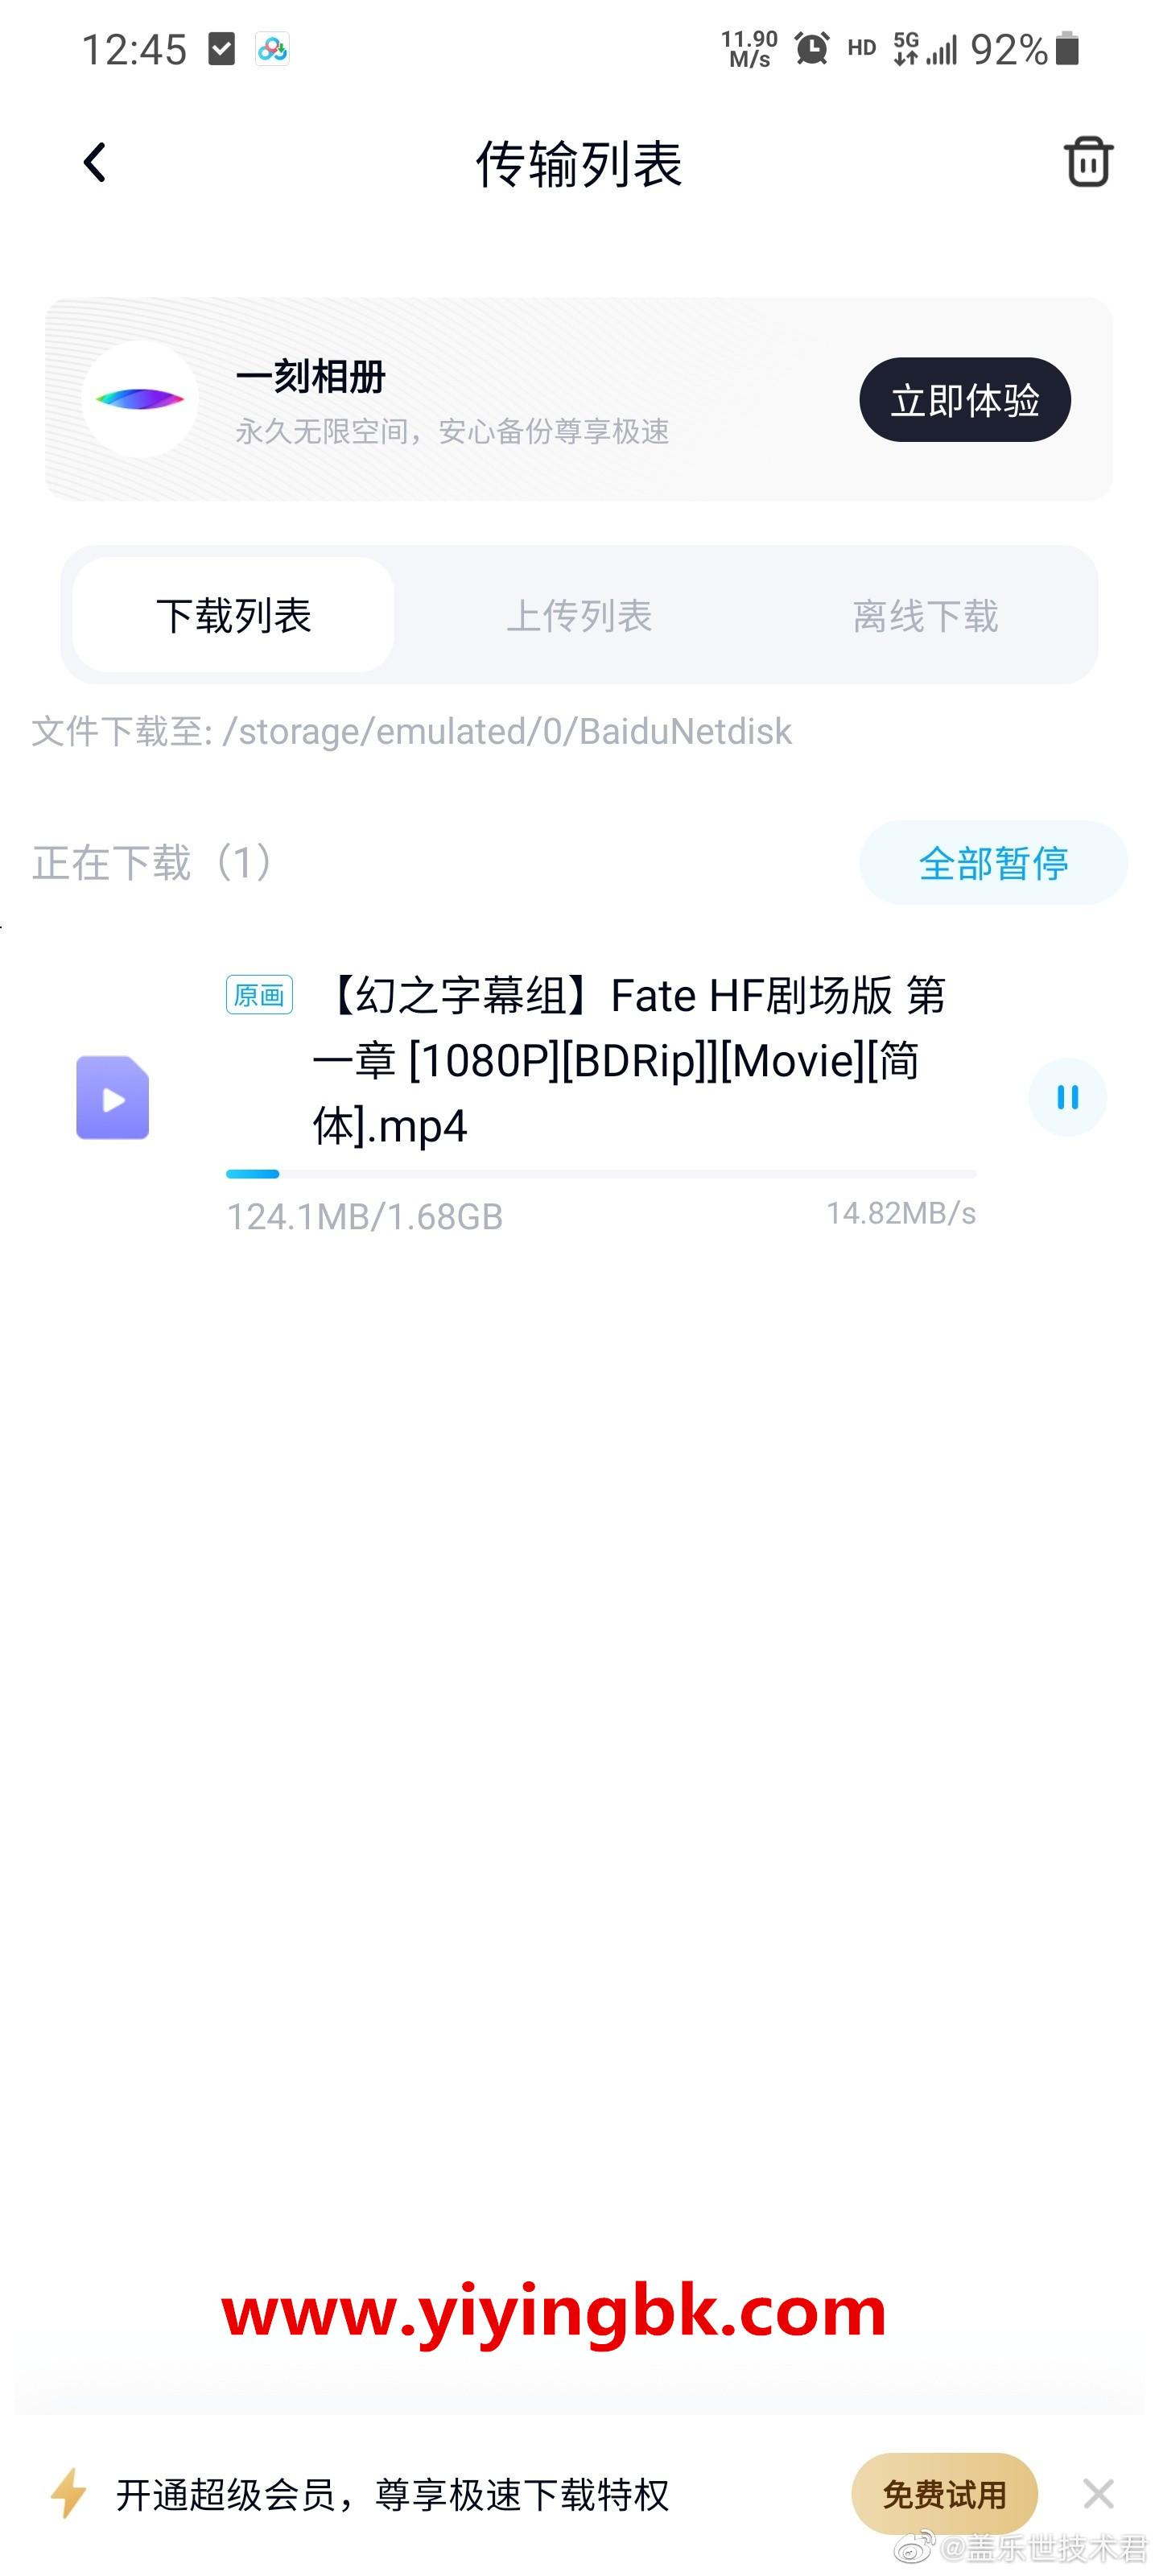 三星版百度云网盘下载速度实测,这是没有限制的下载速度,www.yiyingbk.com